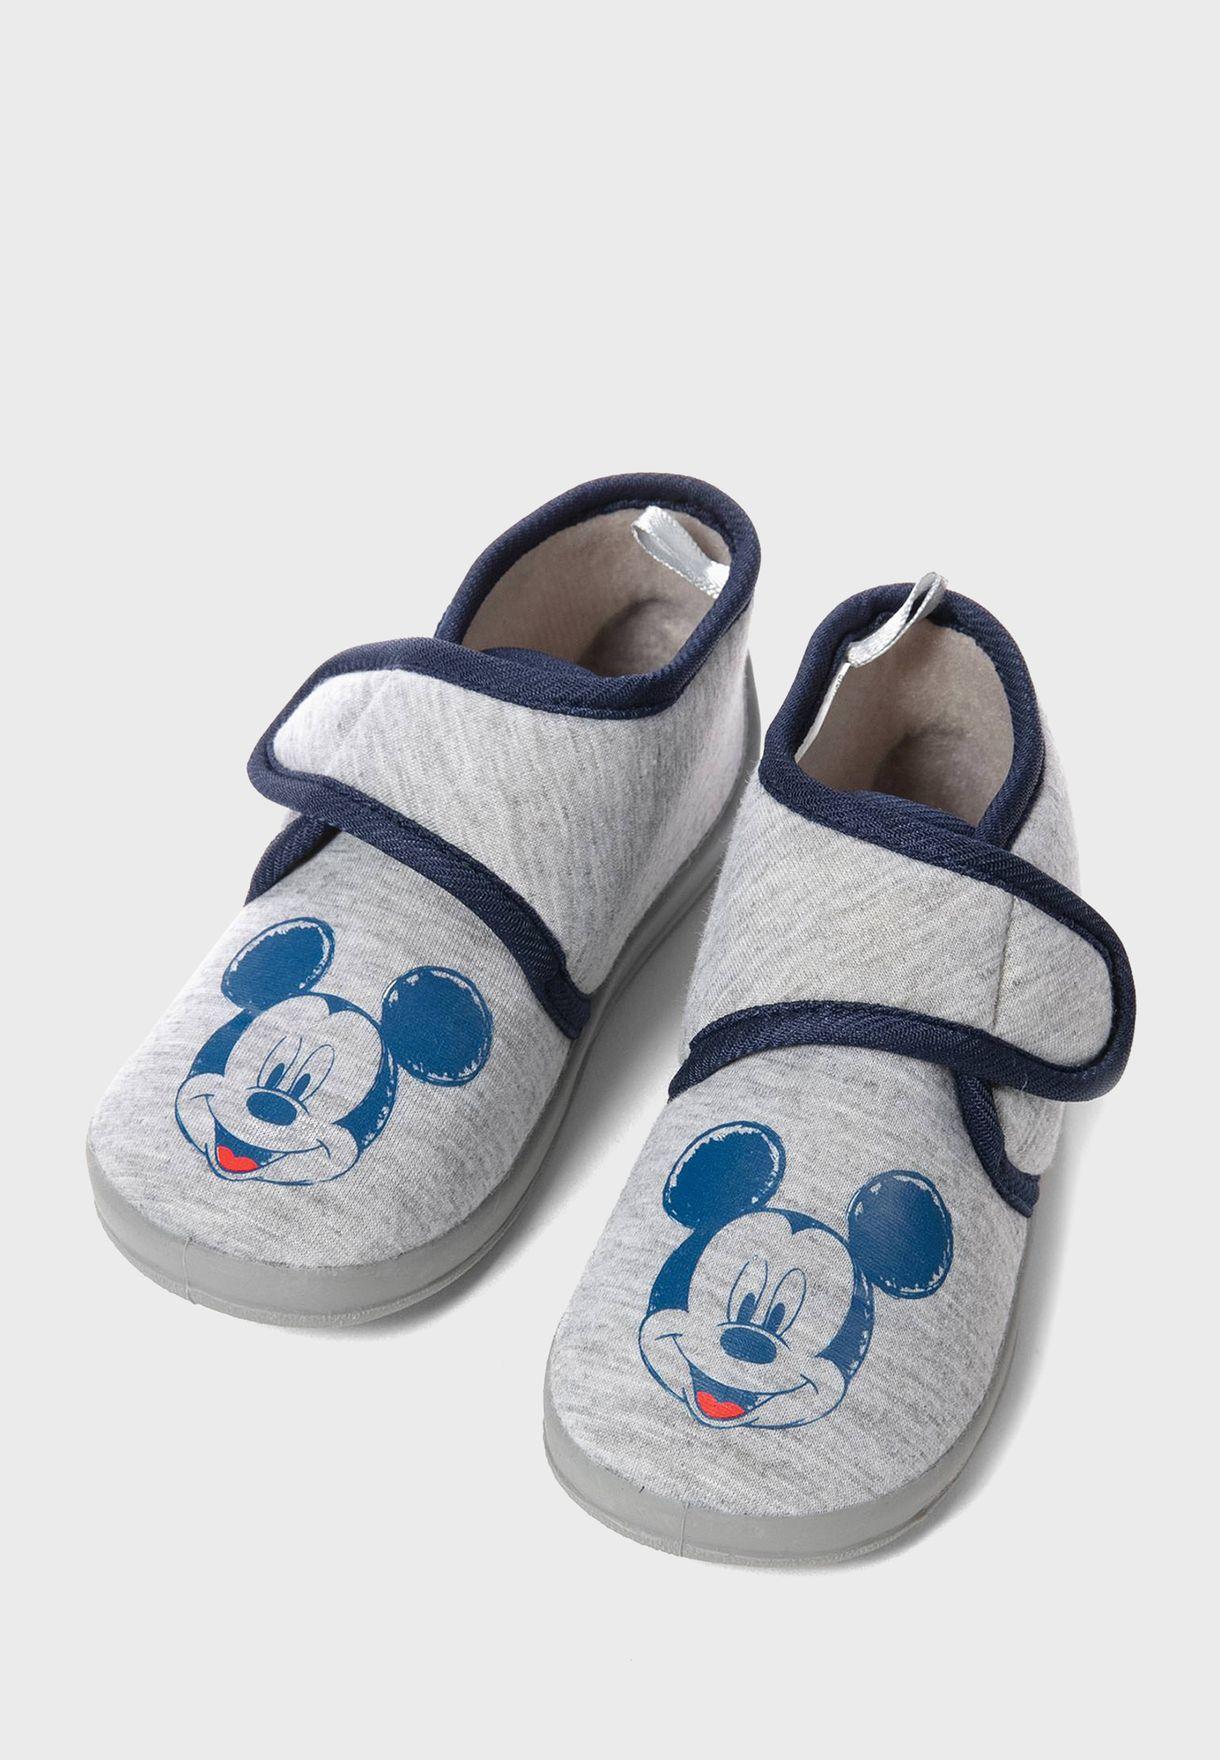 حذاء بطبعات ميكي ماوس